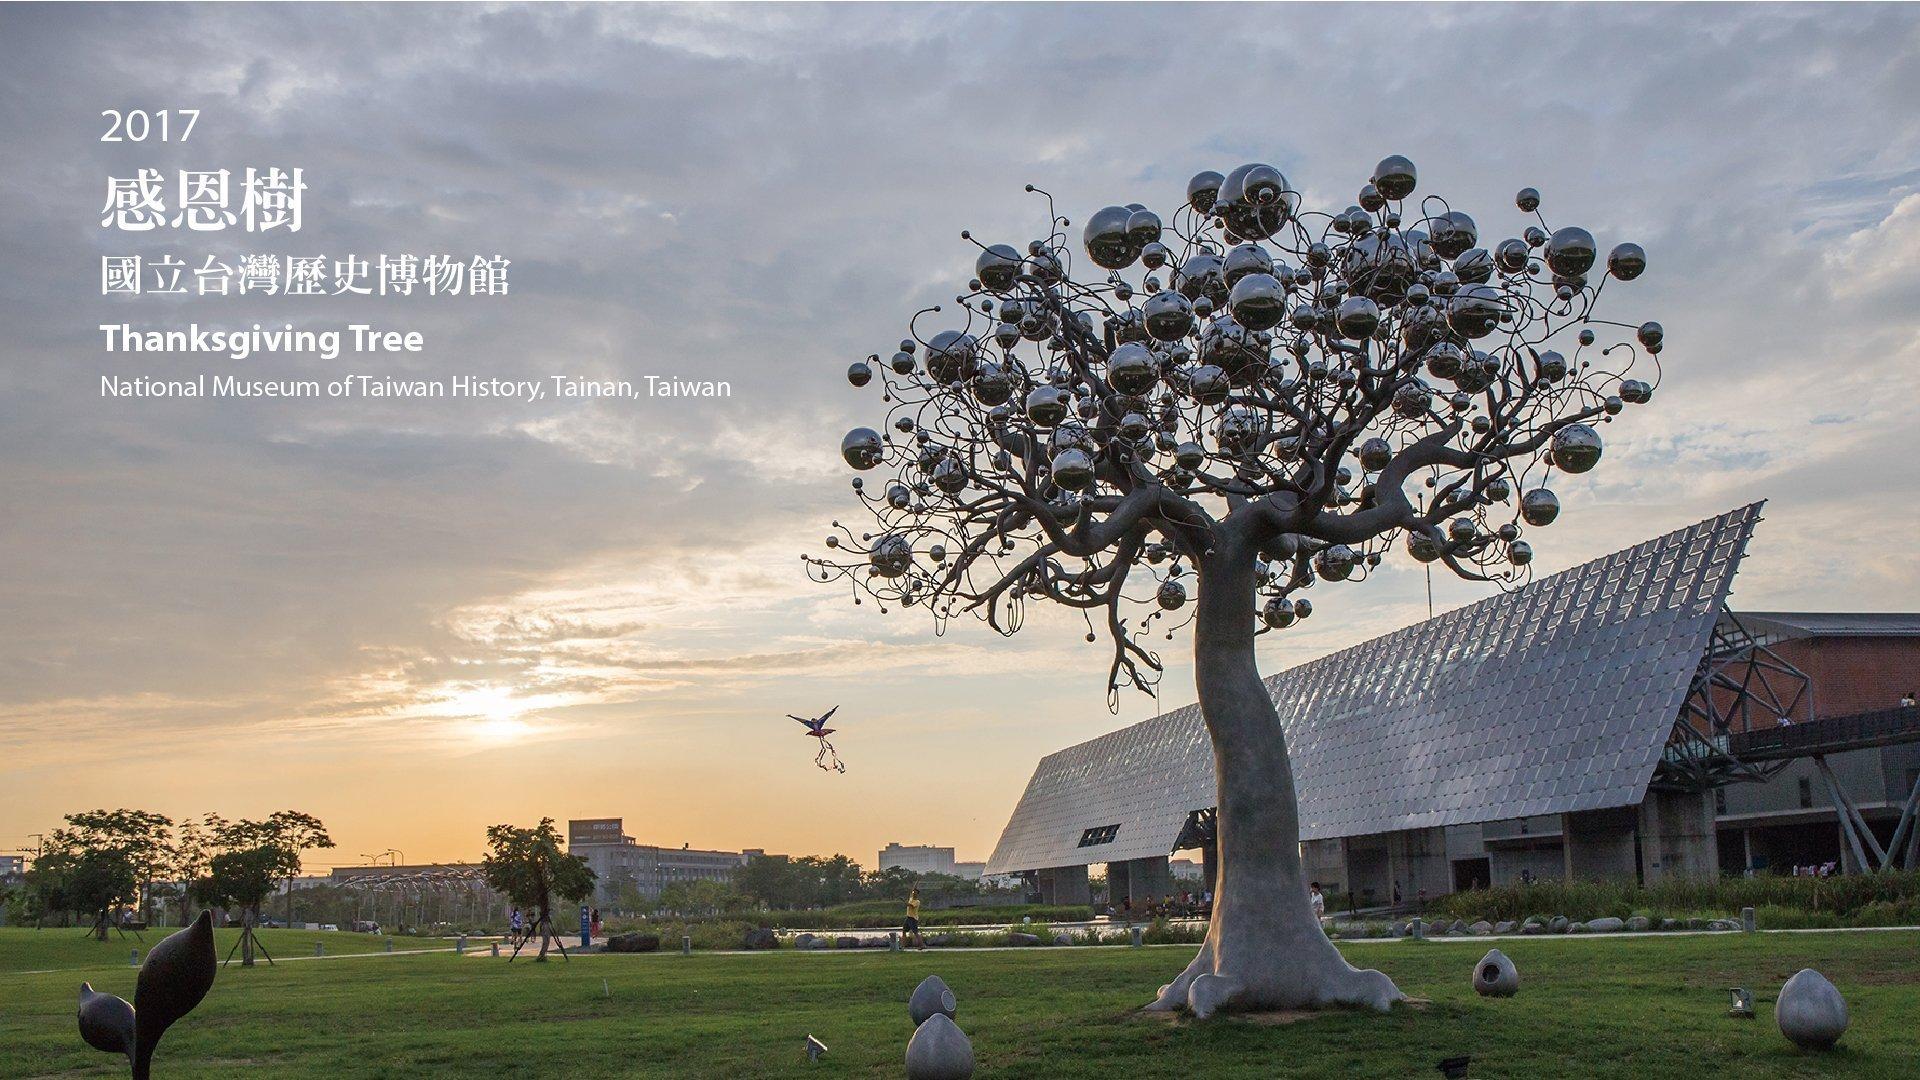 2017 國立臺灣歷史博物館 -